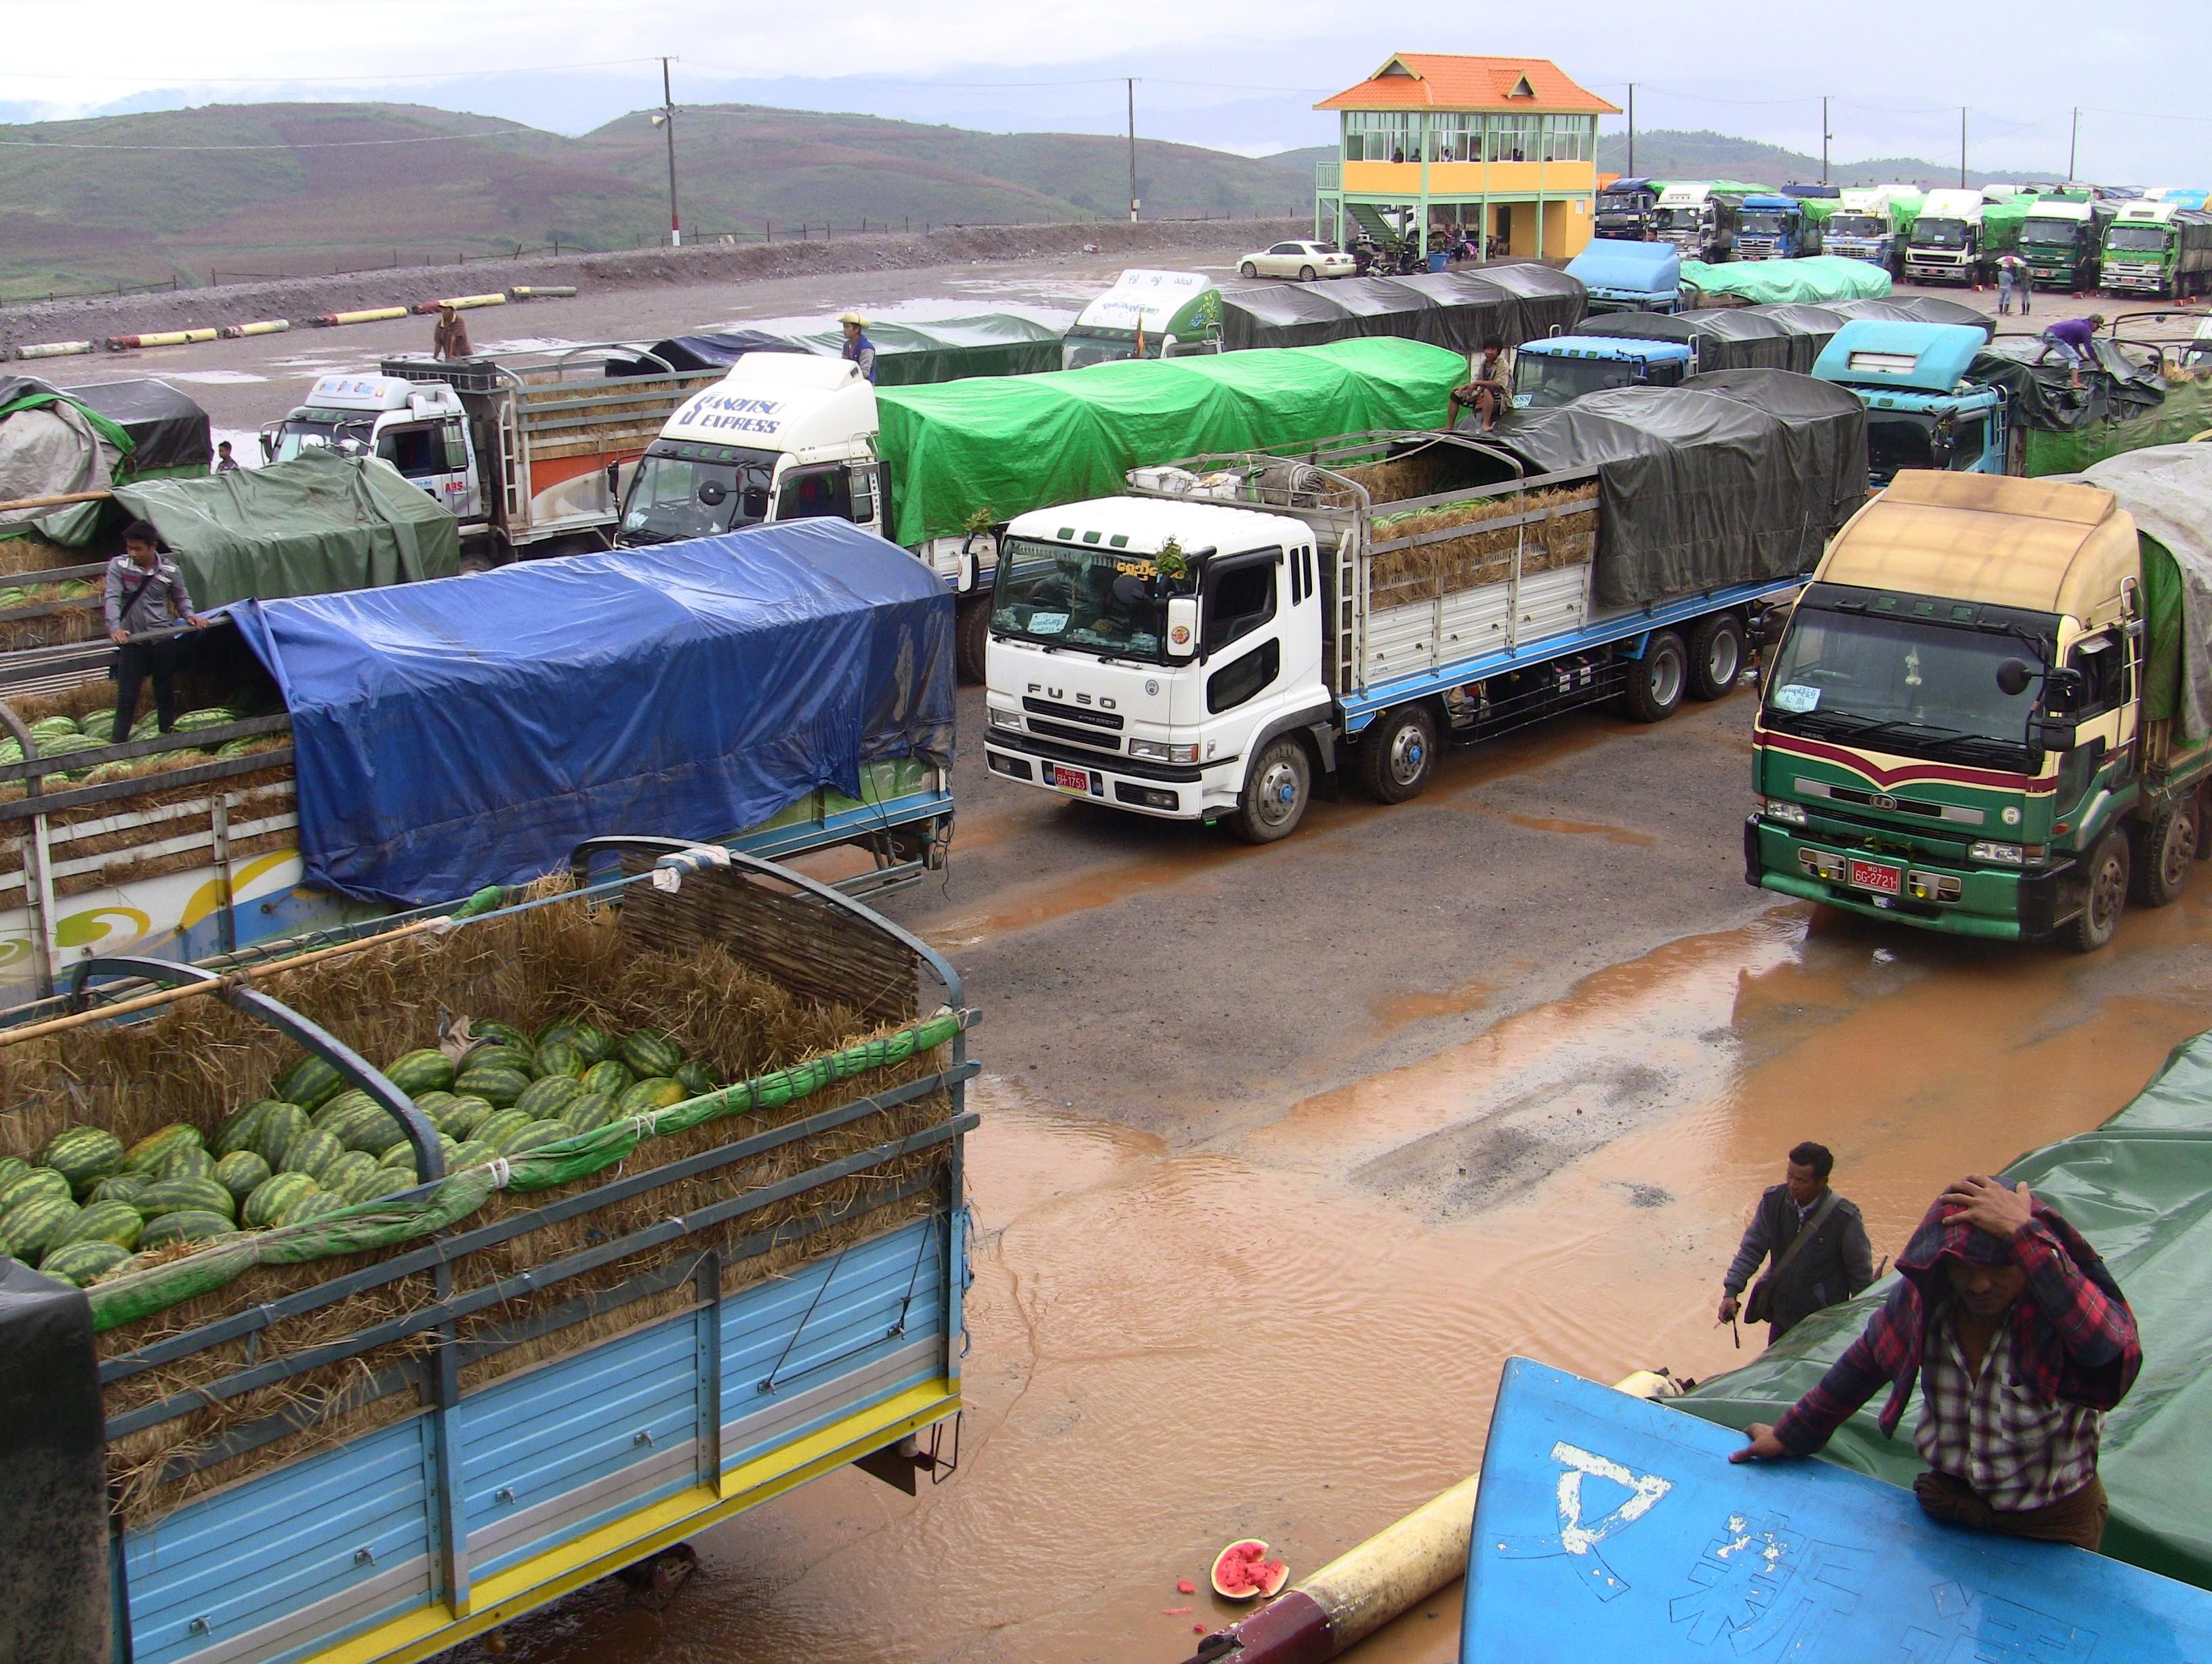 မောတောင် ကုန်သွယ်ရေးစခန်း (ယာယီ)ကို အမြဲတမ်းကုန်သွယ်ရေးစခန်းအဖြစ် အဆင့်မြှင့်တင်မည်